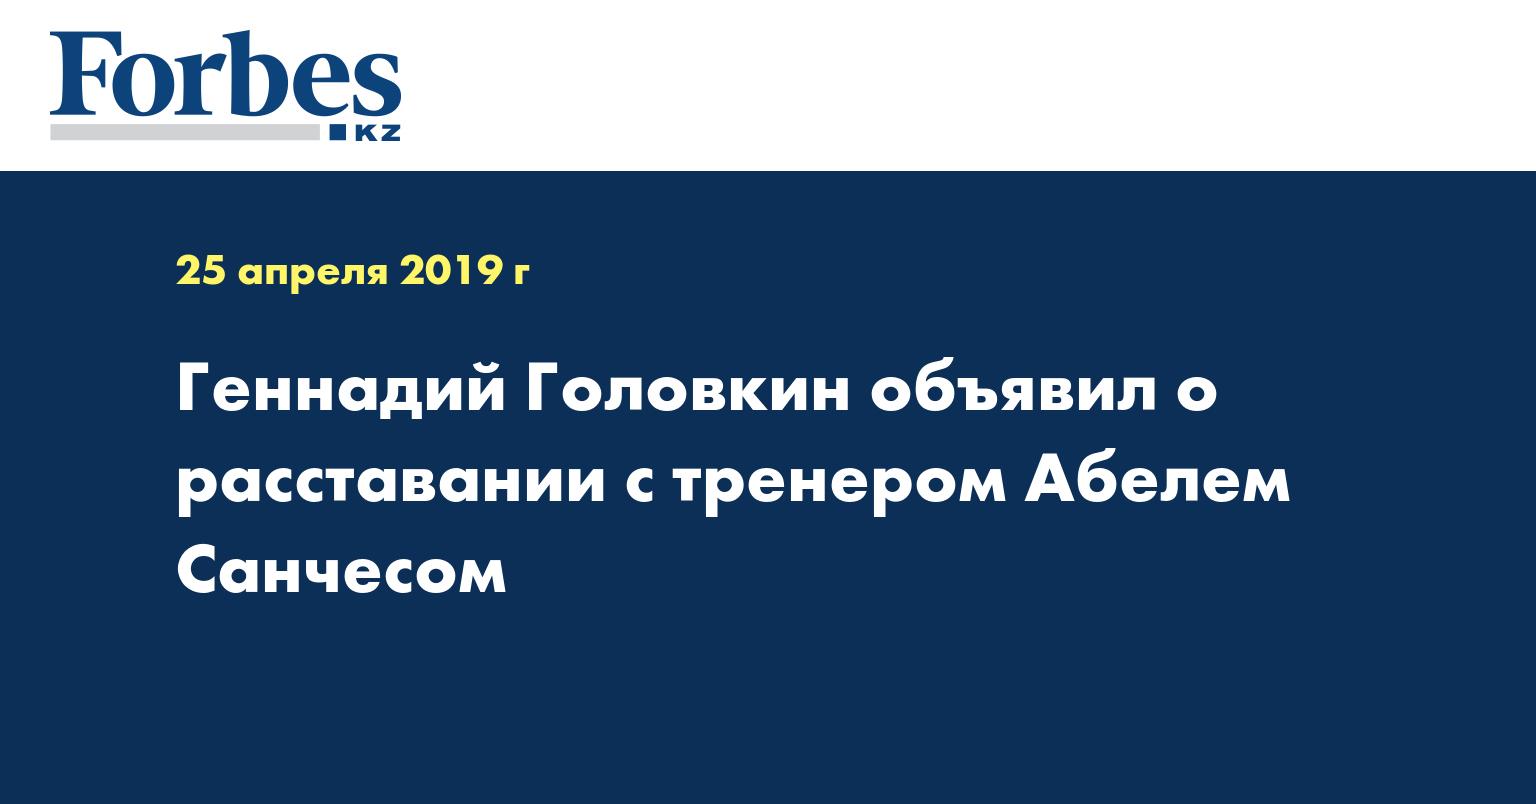 Геннадий Головкин объявил о расставании с тренером Абелем Санчесом